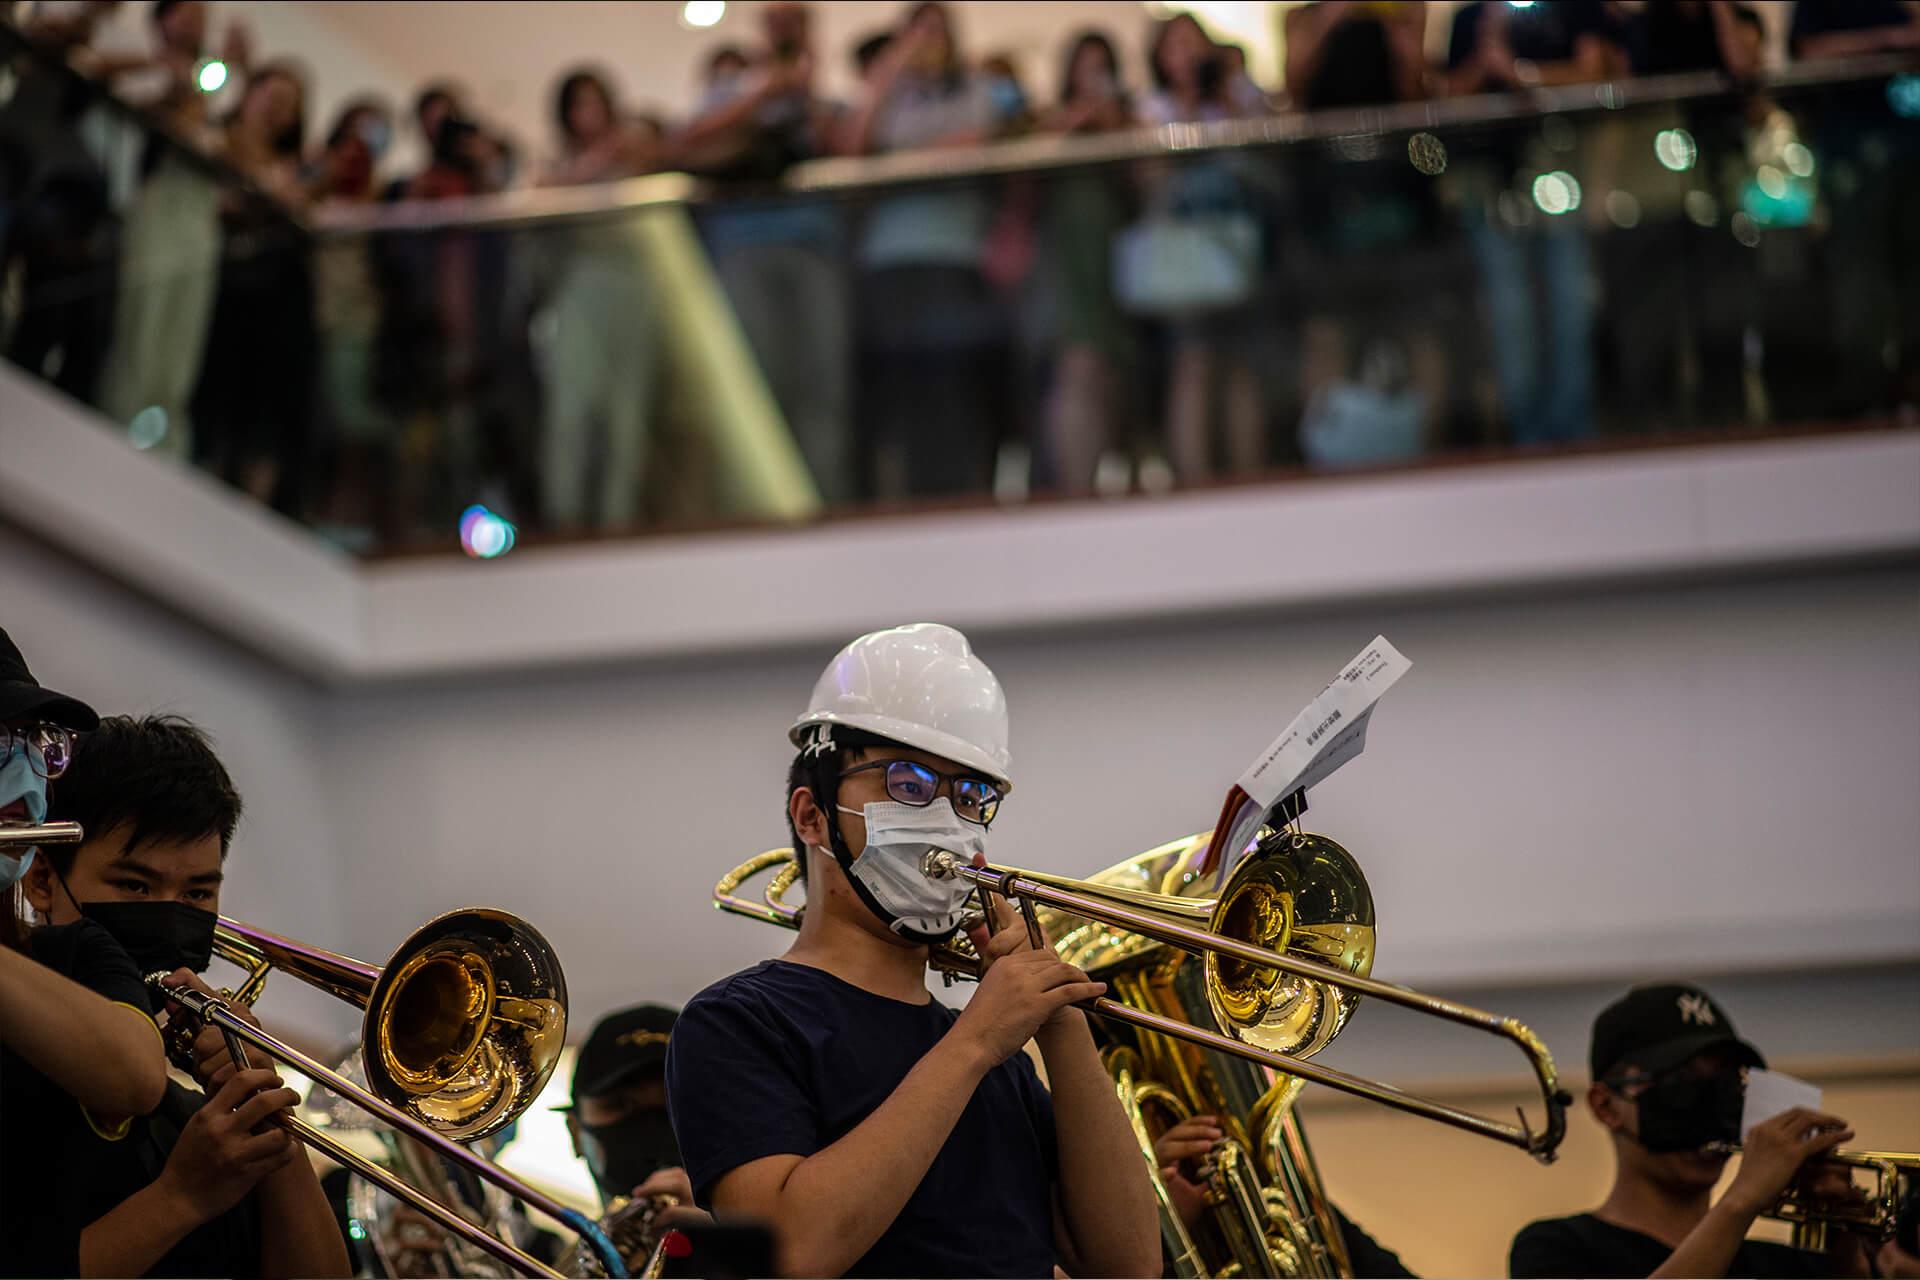 在商場唱歌已演變成抗爭形式的一種,更不時有現場管弦樂隊表演。